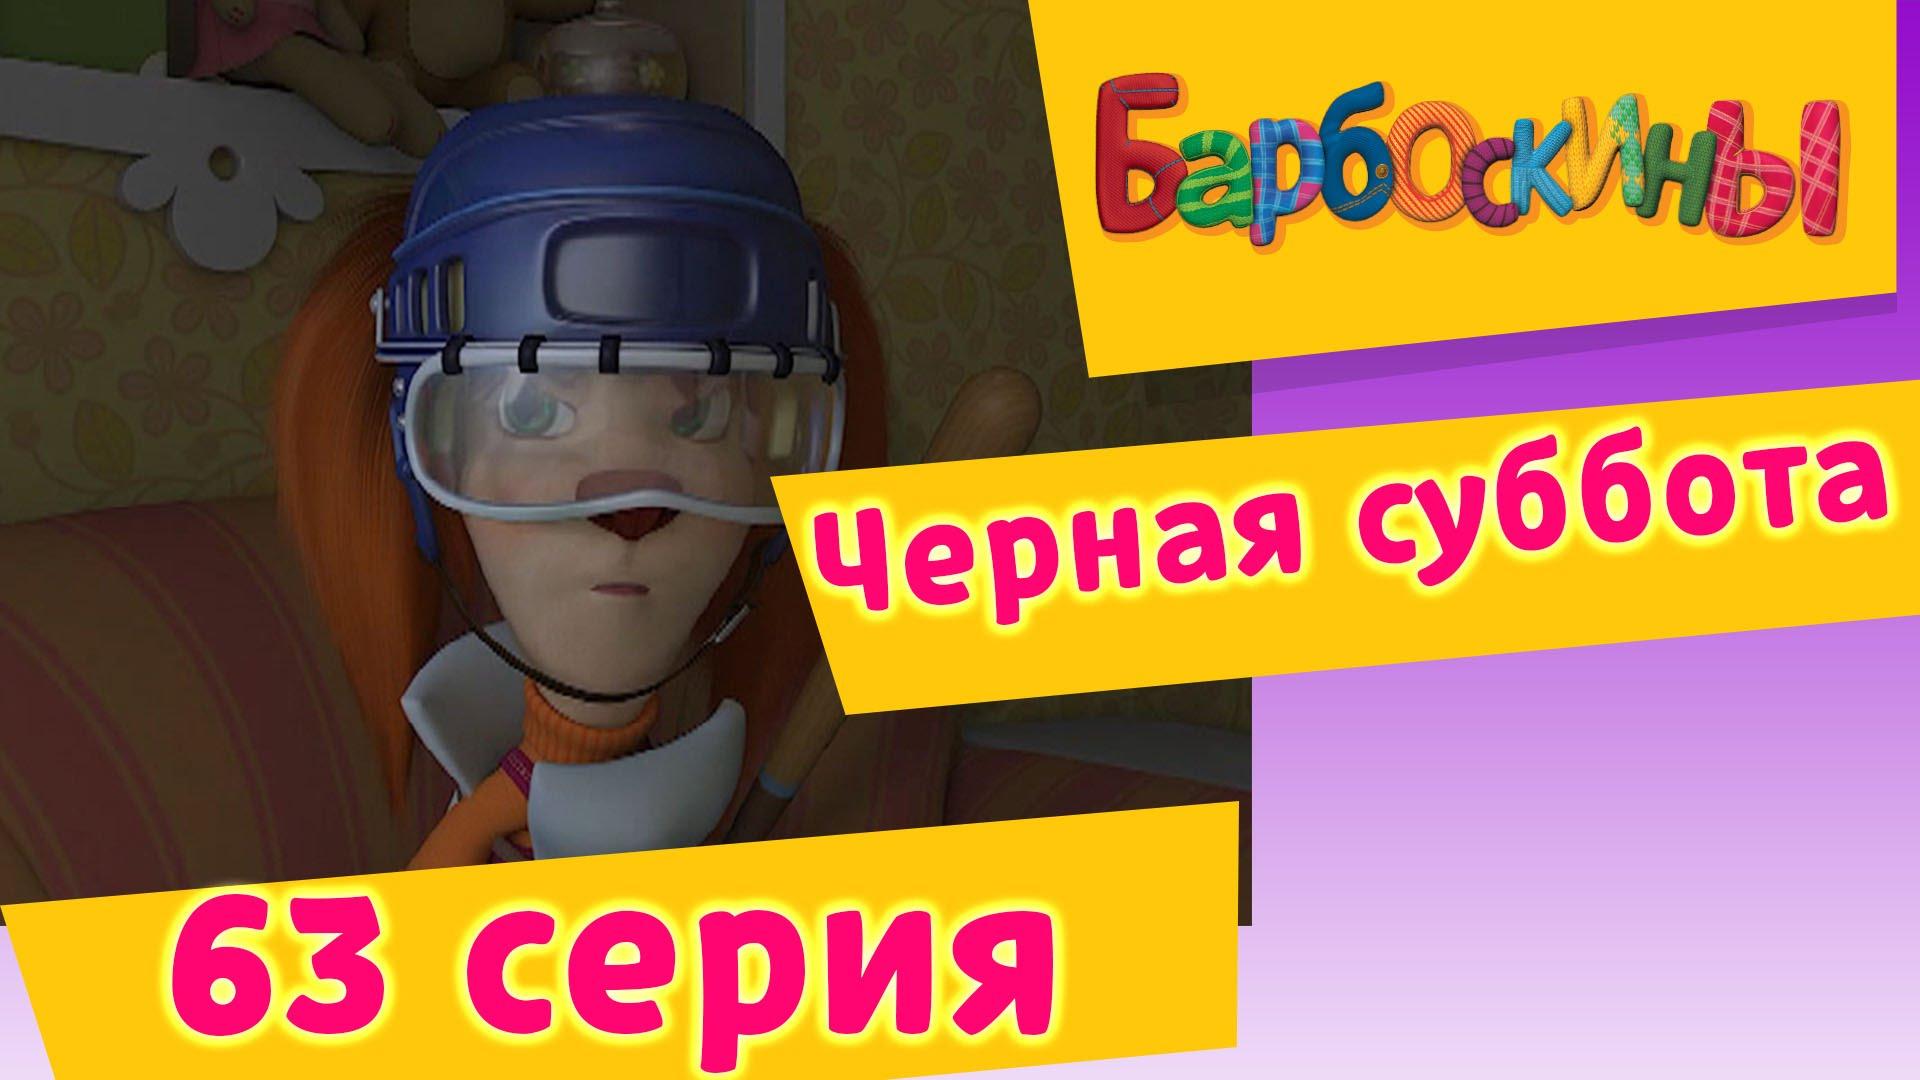 Барбоскины — 63 Серия.Черная суббота